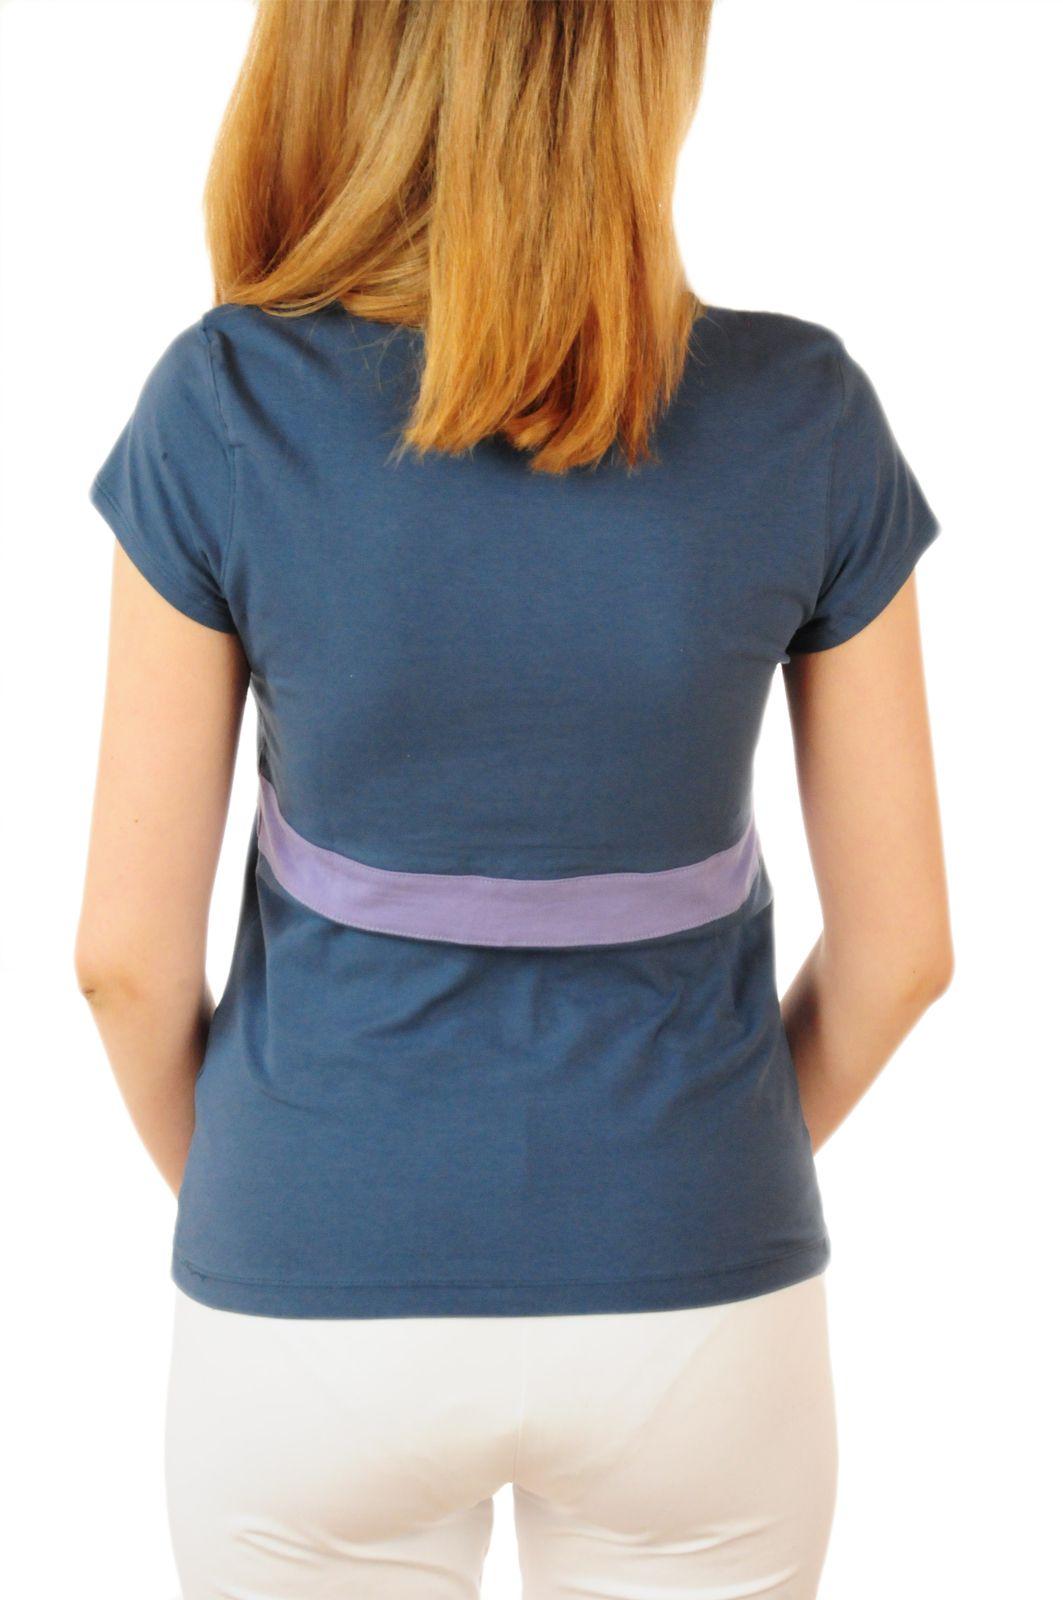 Эксклюзивная футболка Bossini® Yoga - вид сзади